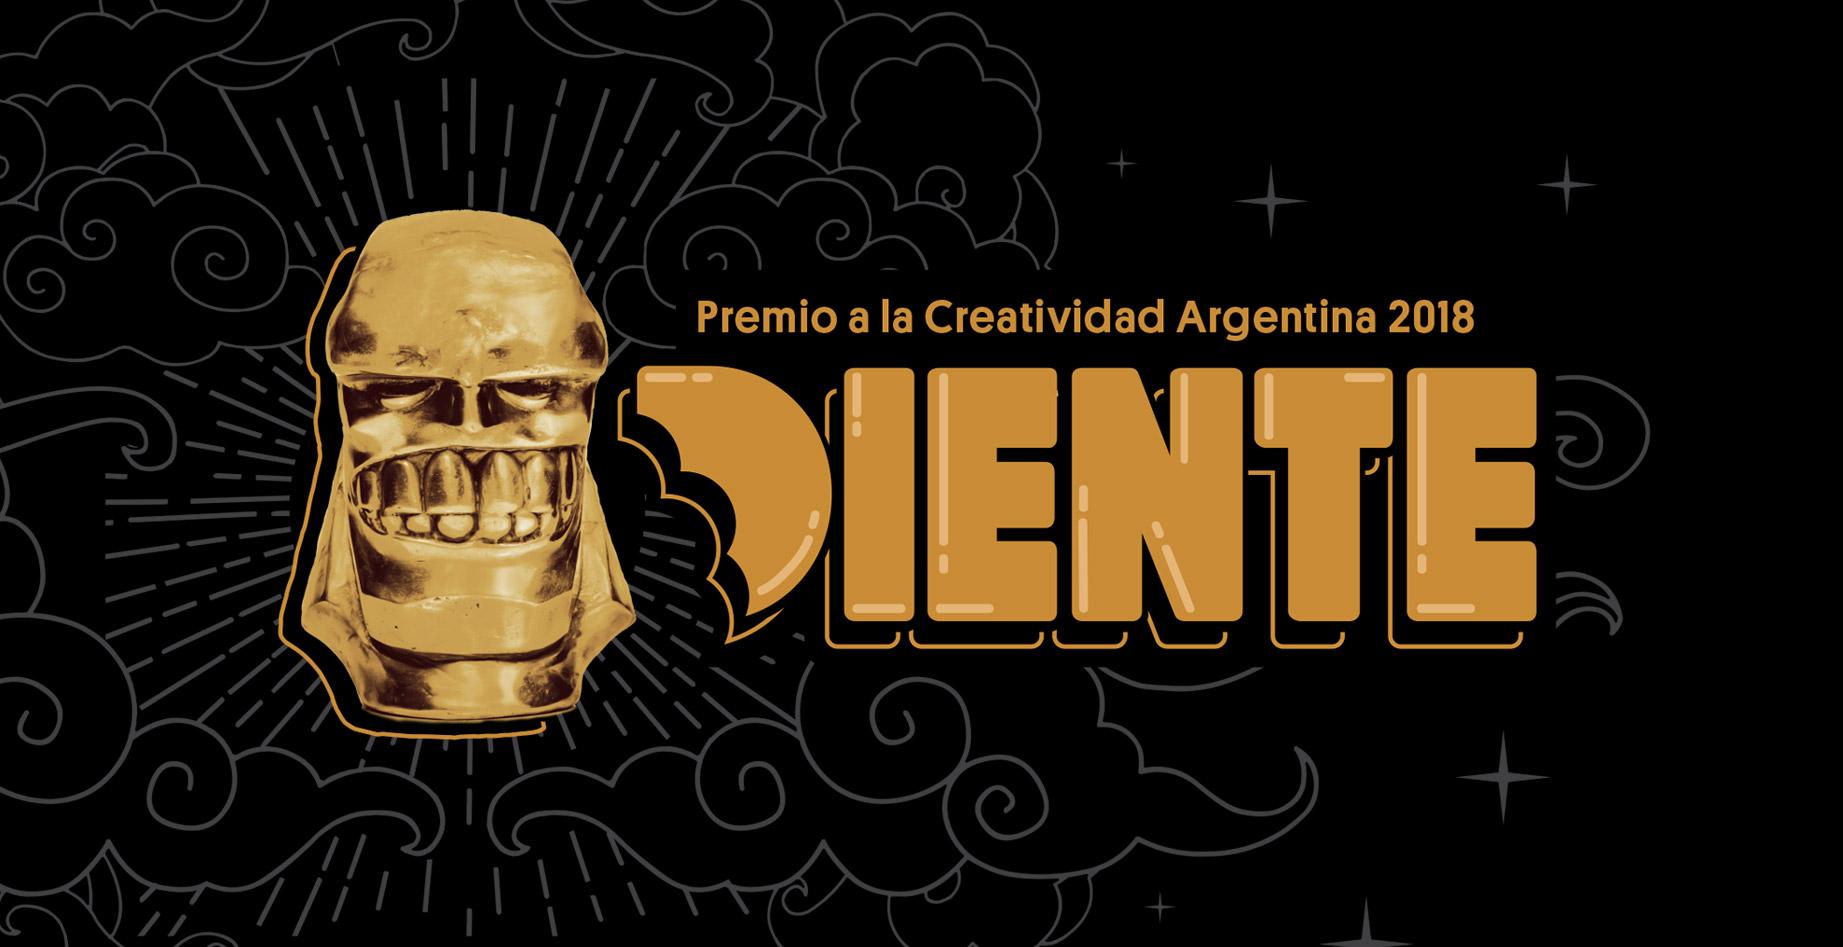 DIENTE - Círculo de Creativos Argentinos